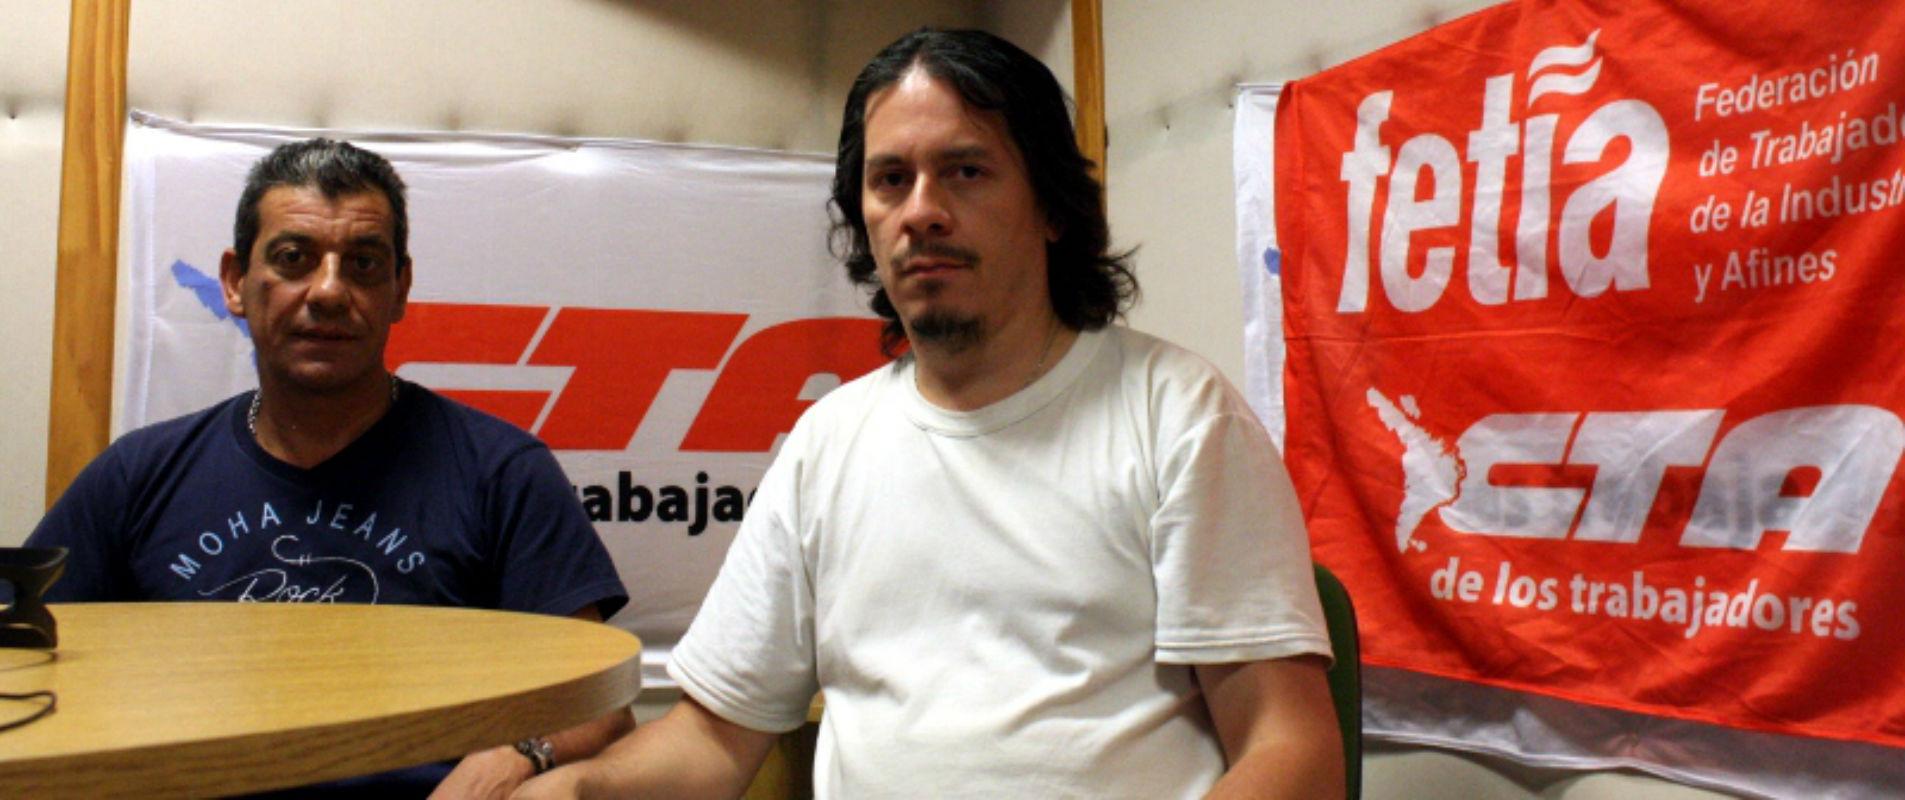 Sergio Parla Sec. Gral. de SEAT y Javier Sosa Secretario Organización